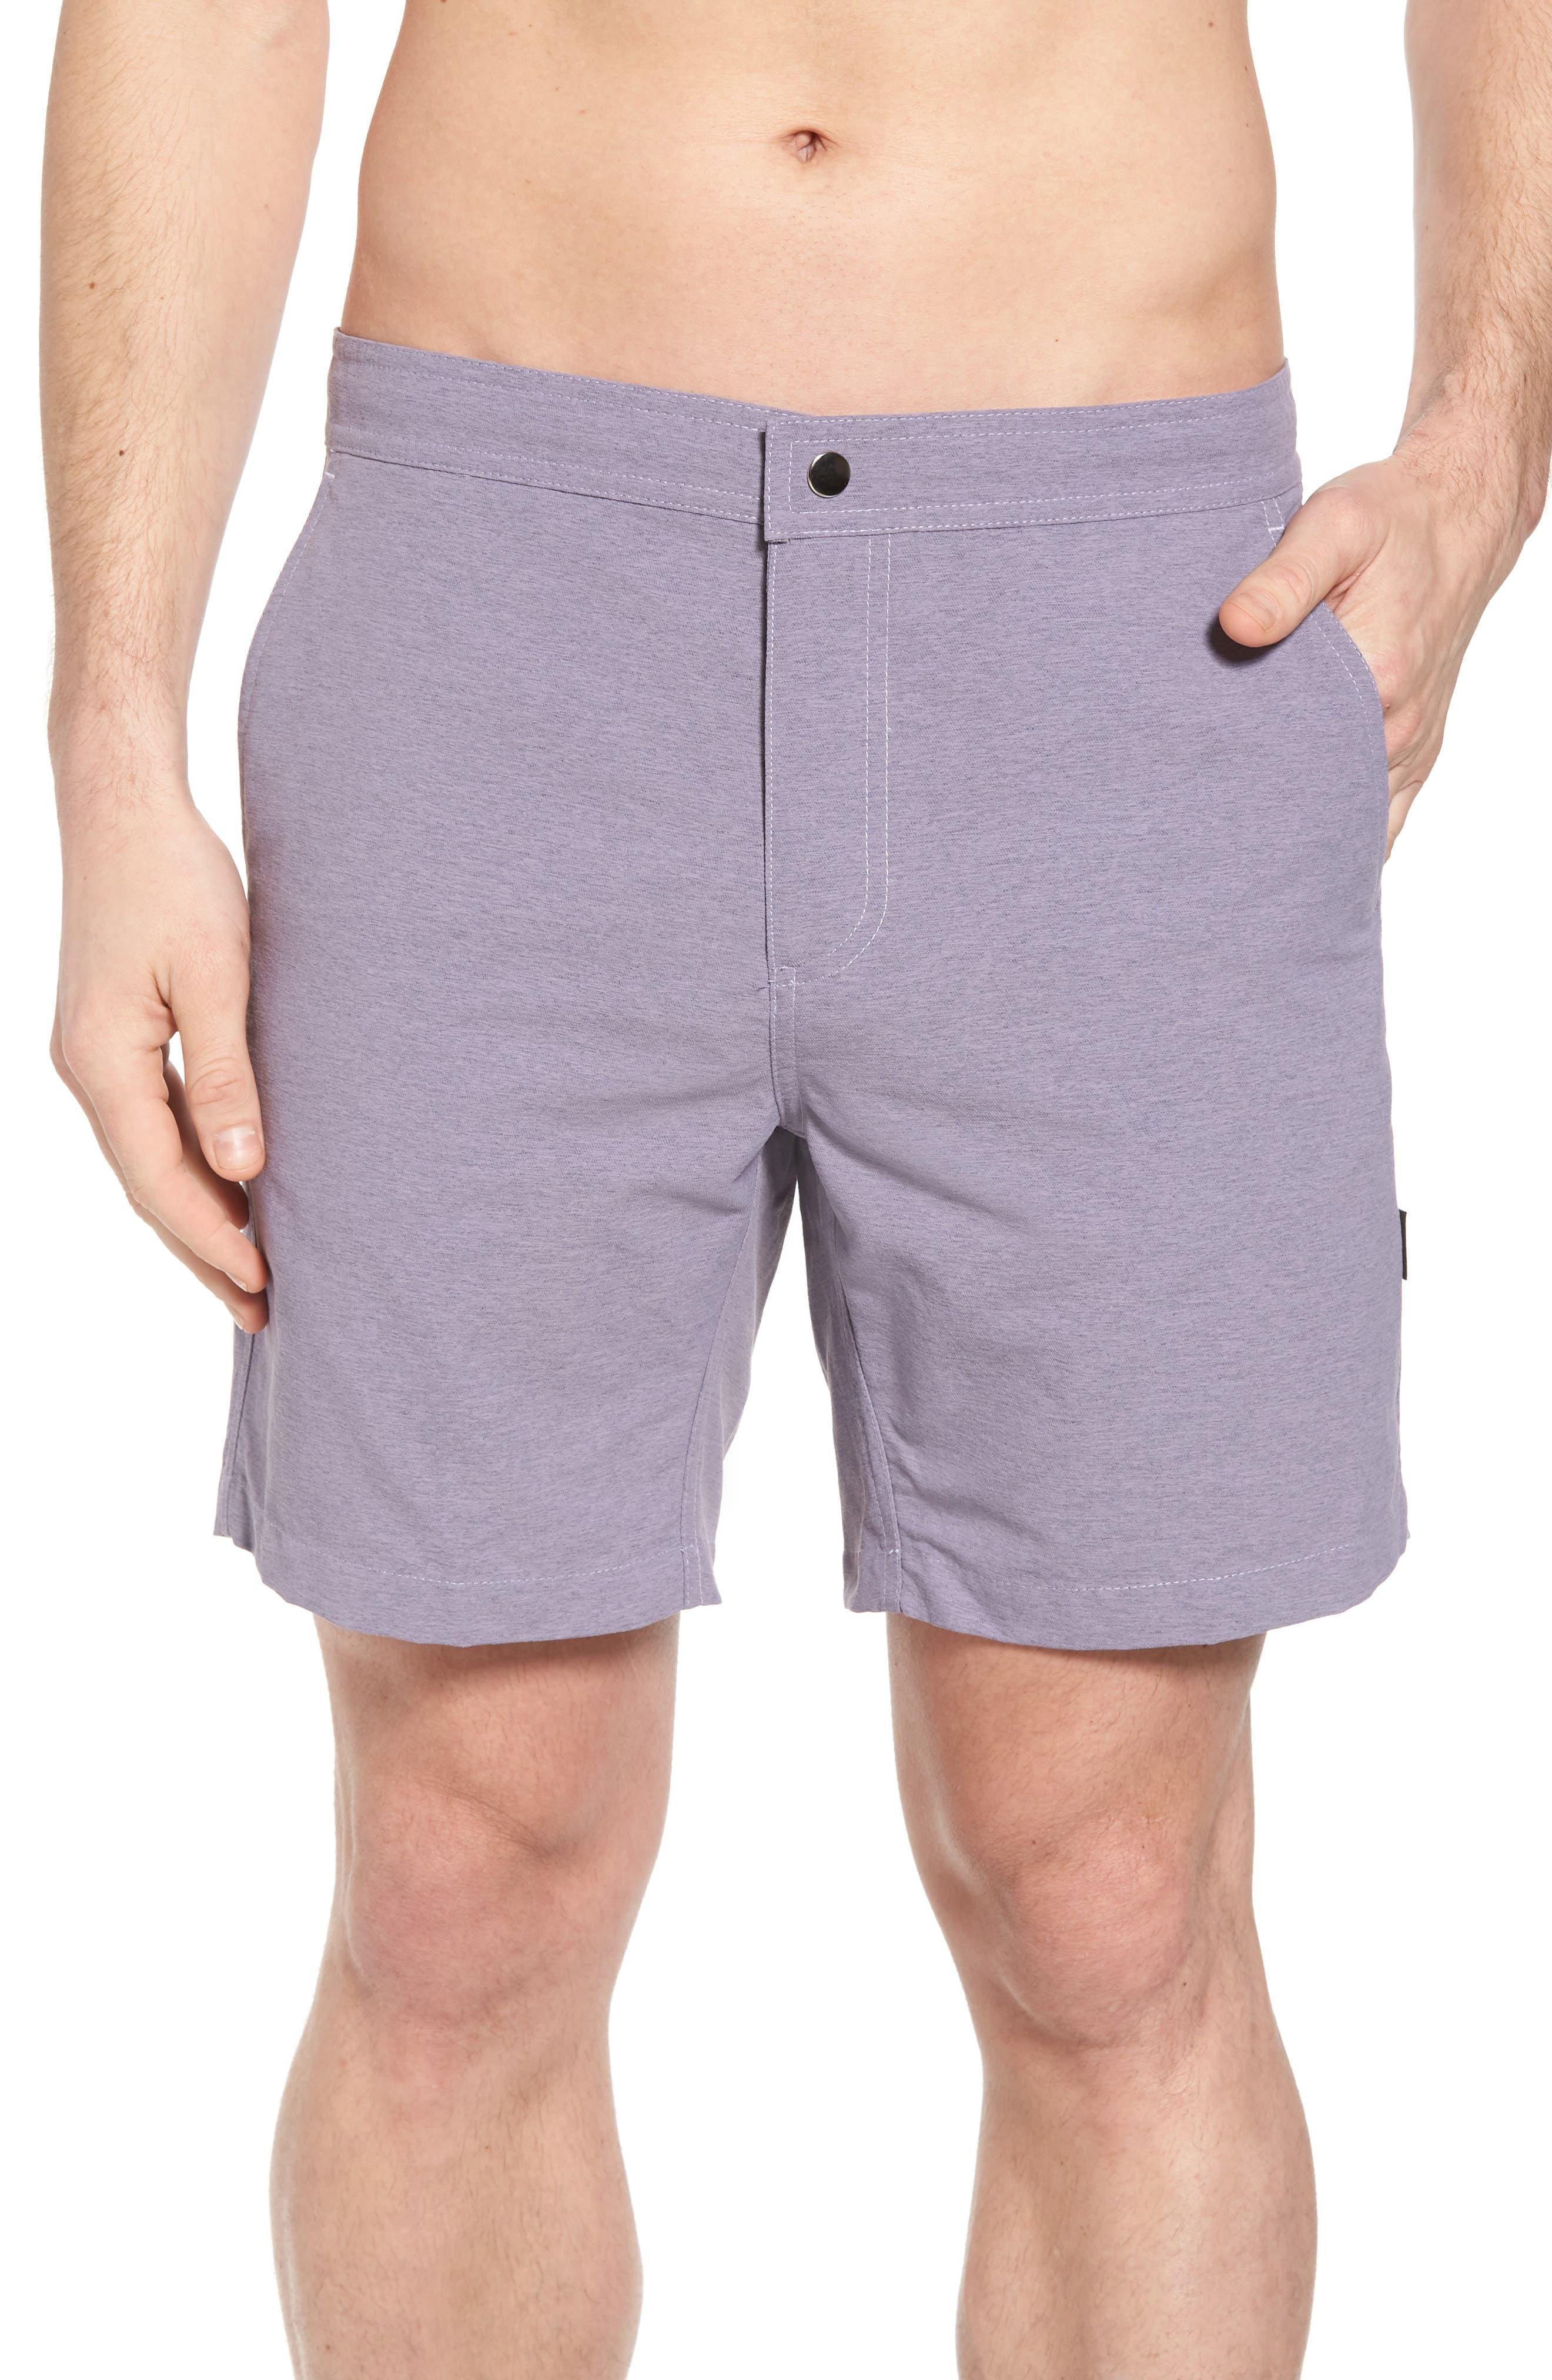 Bond Hybrid Shorts,                             Main thumbnail 1, color,                             Venice Purple